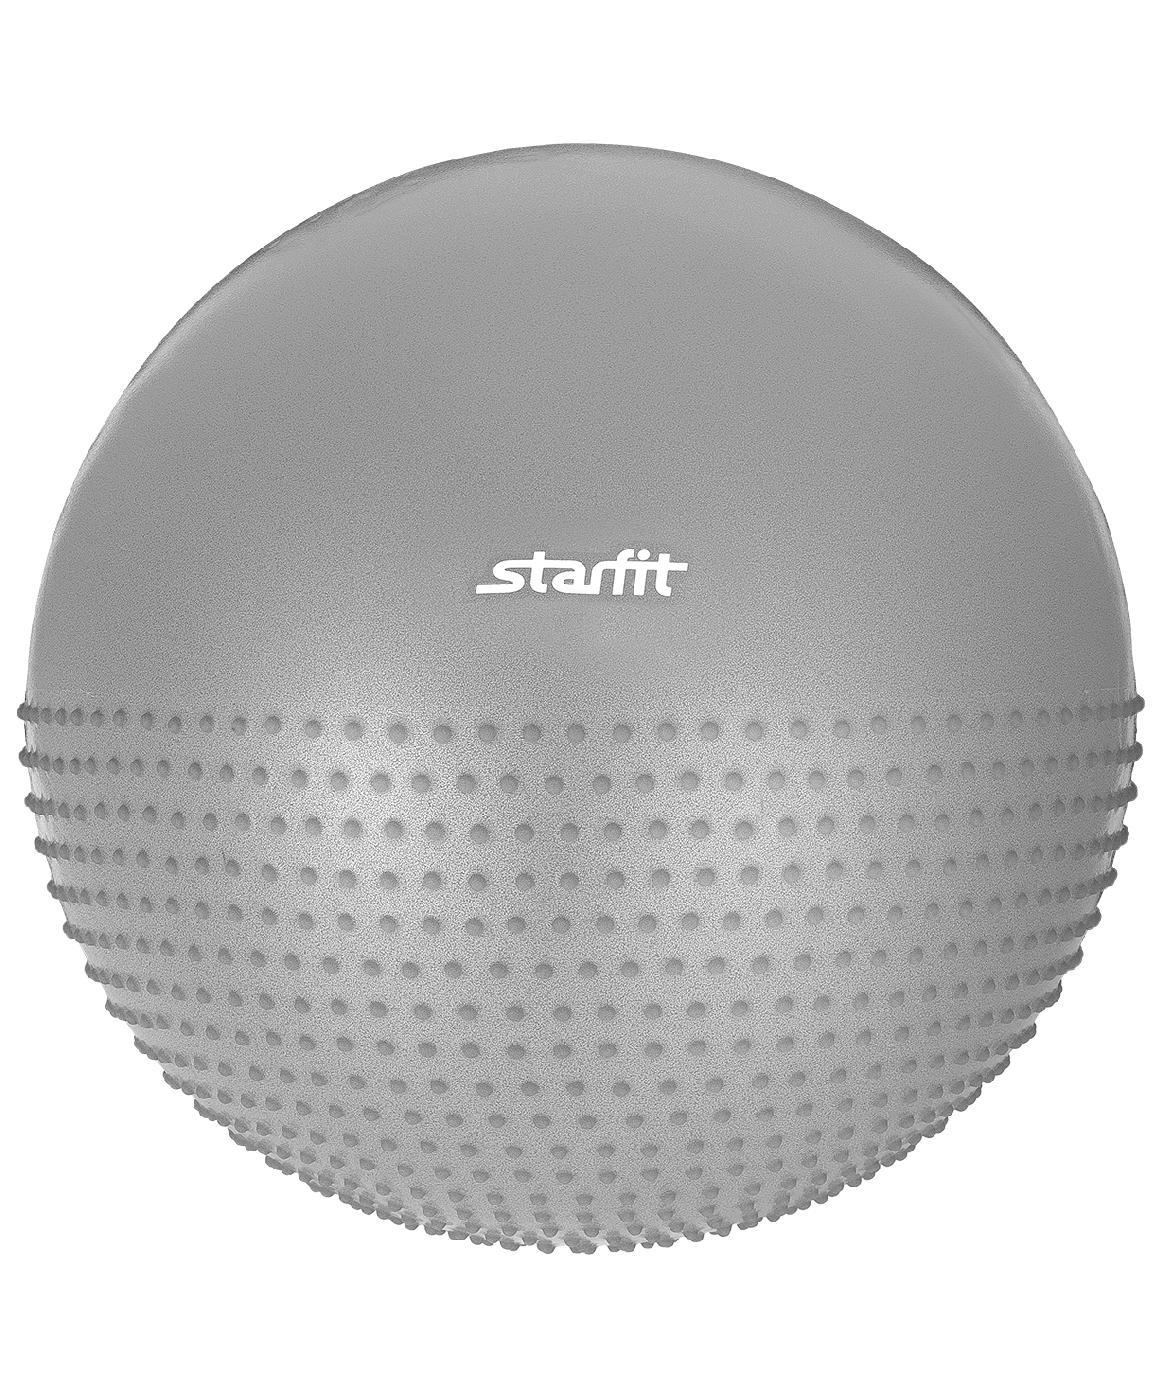 Мяч для фитнеса Starfit Мяч гимнастический полумассажный GB-201 55 см, антивзрыв, серый цена